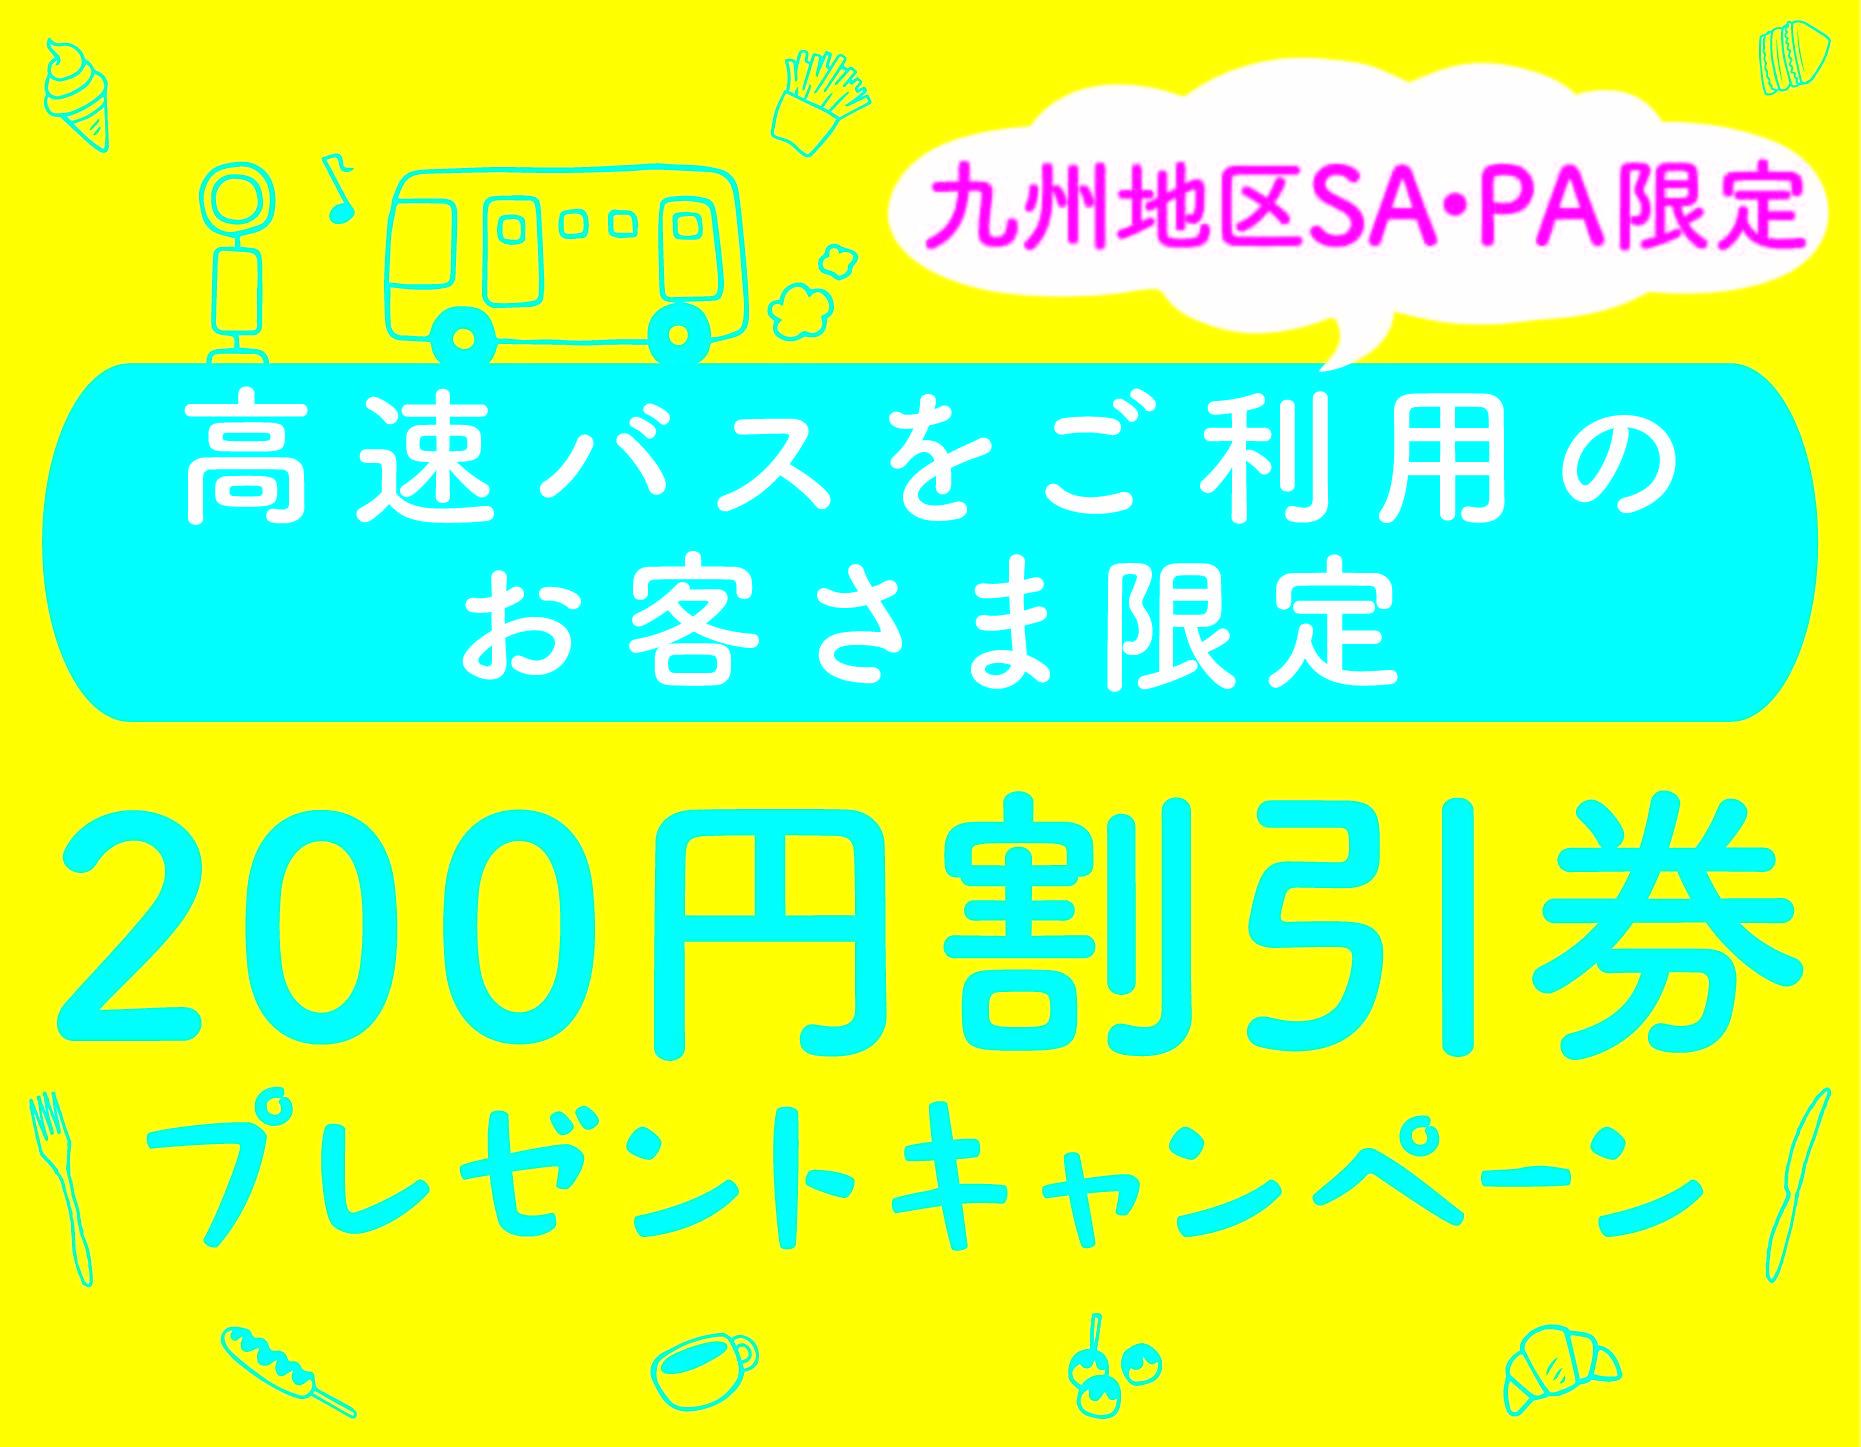 九州内運行の高速路線バスに乗って、SA・PAで使えるお得なクーポンをGETしよう!